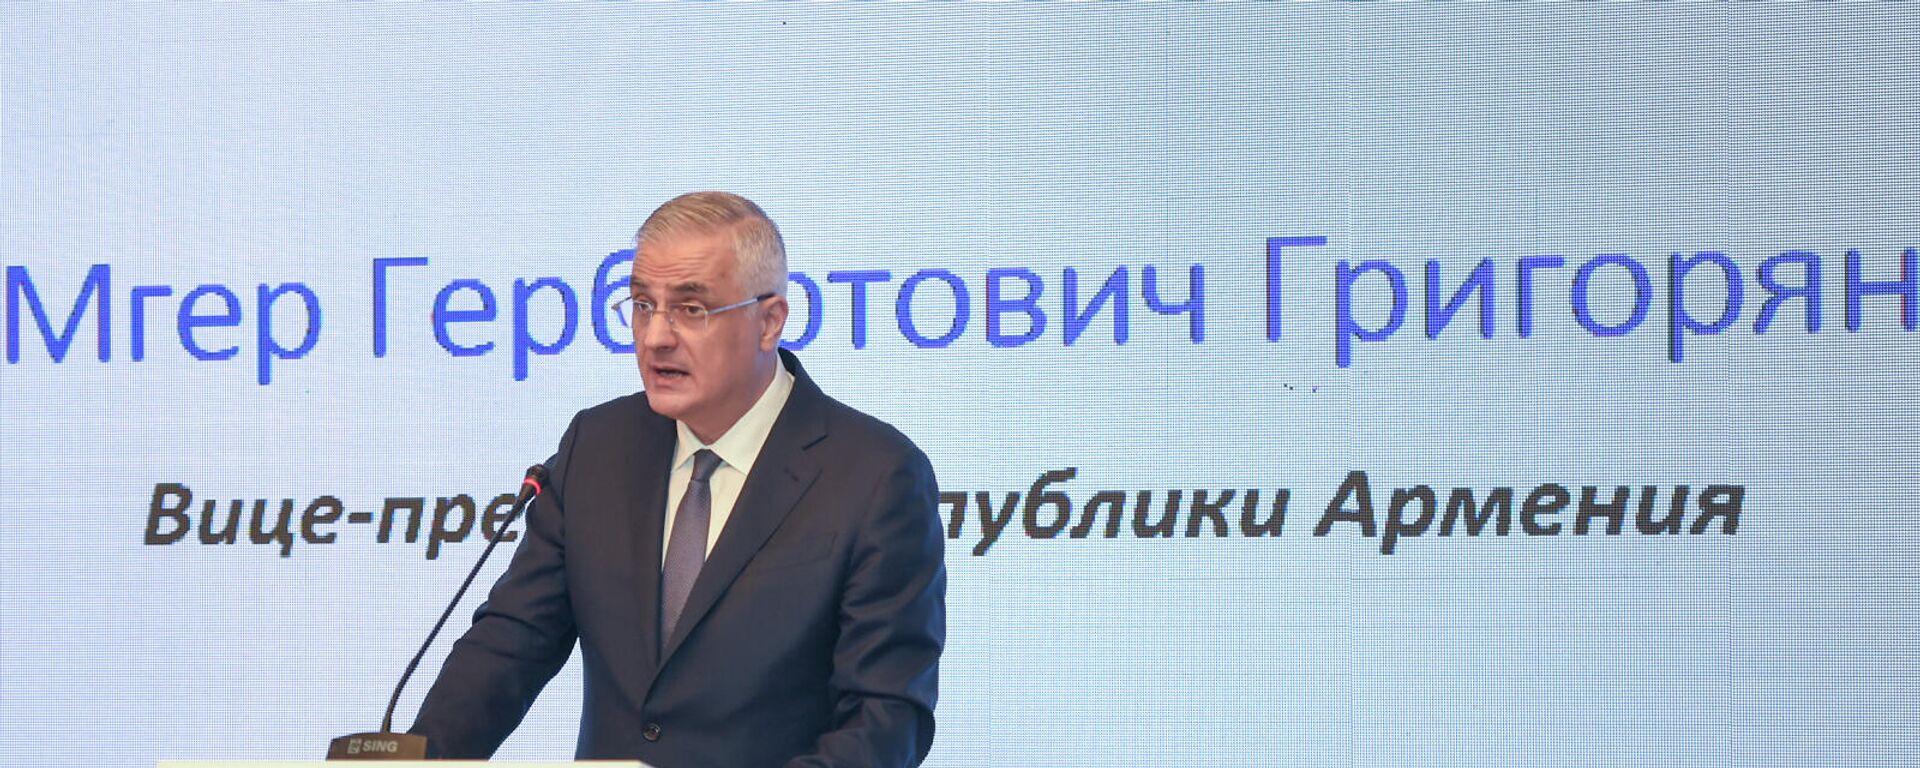 Մհեր Գրիգորյանը ելույթ է ունենում Armenian Business Forum (ABF) 2021 համաժողովում - Sputnik Արմենիա, 1920, 20.09.2021